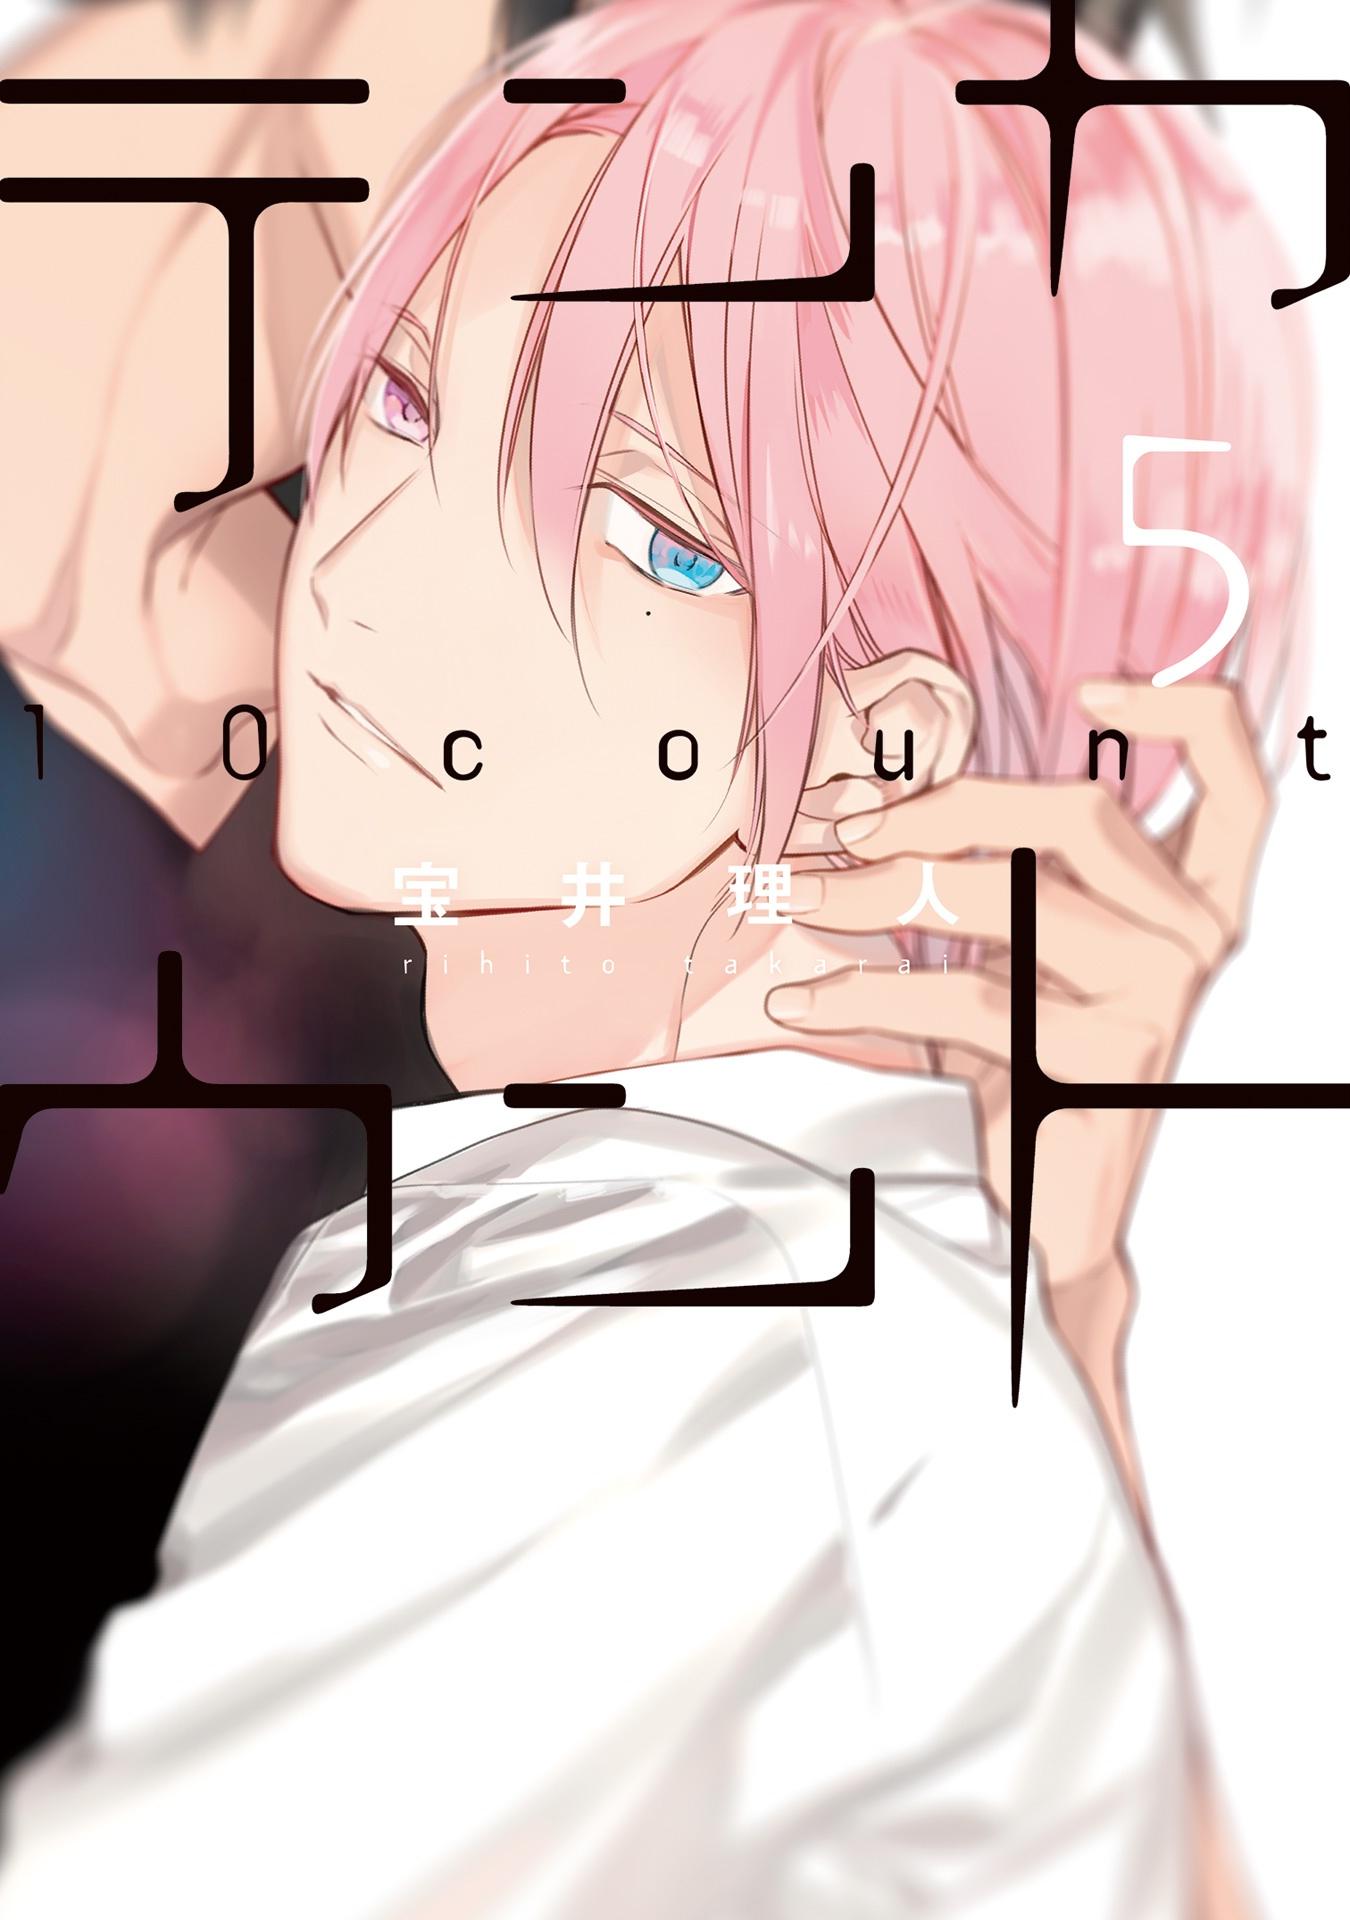 10 COUNT 5 (首刷限定版)